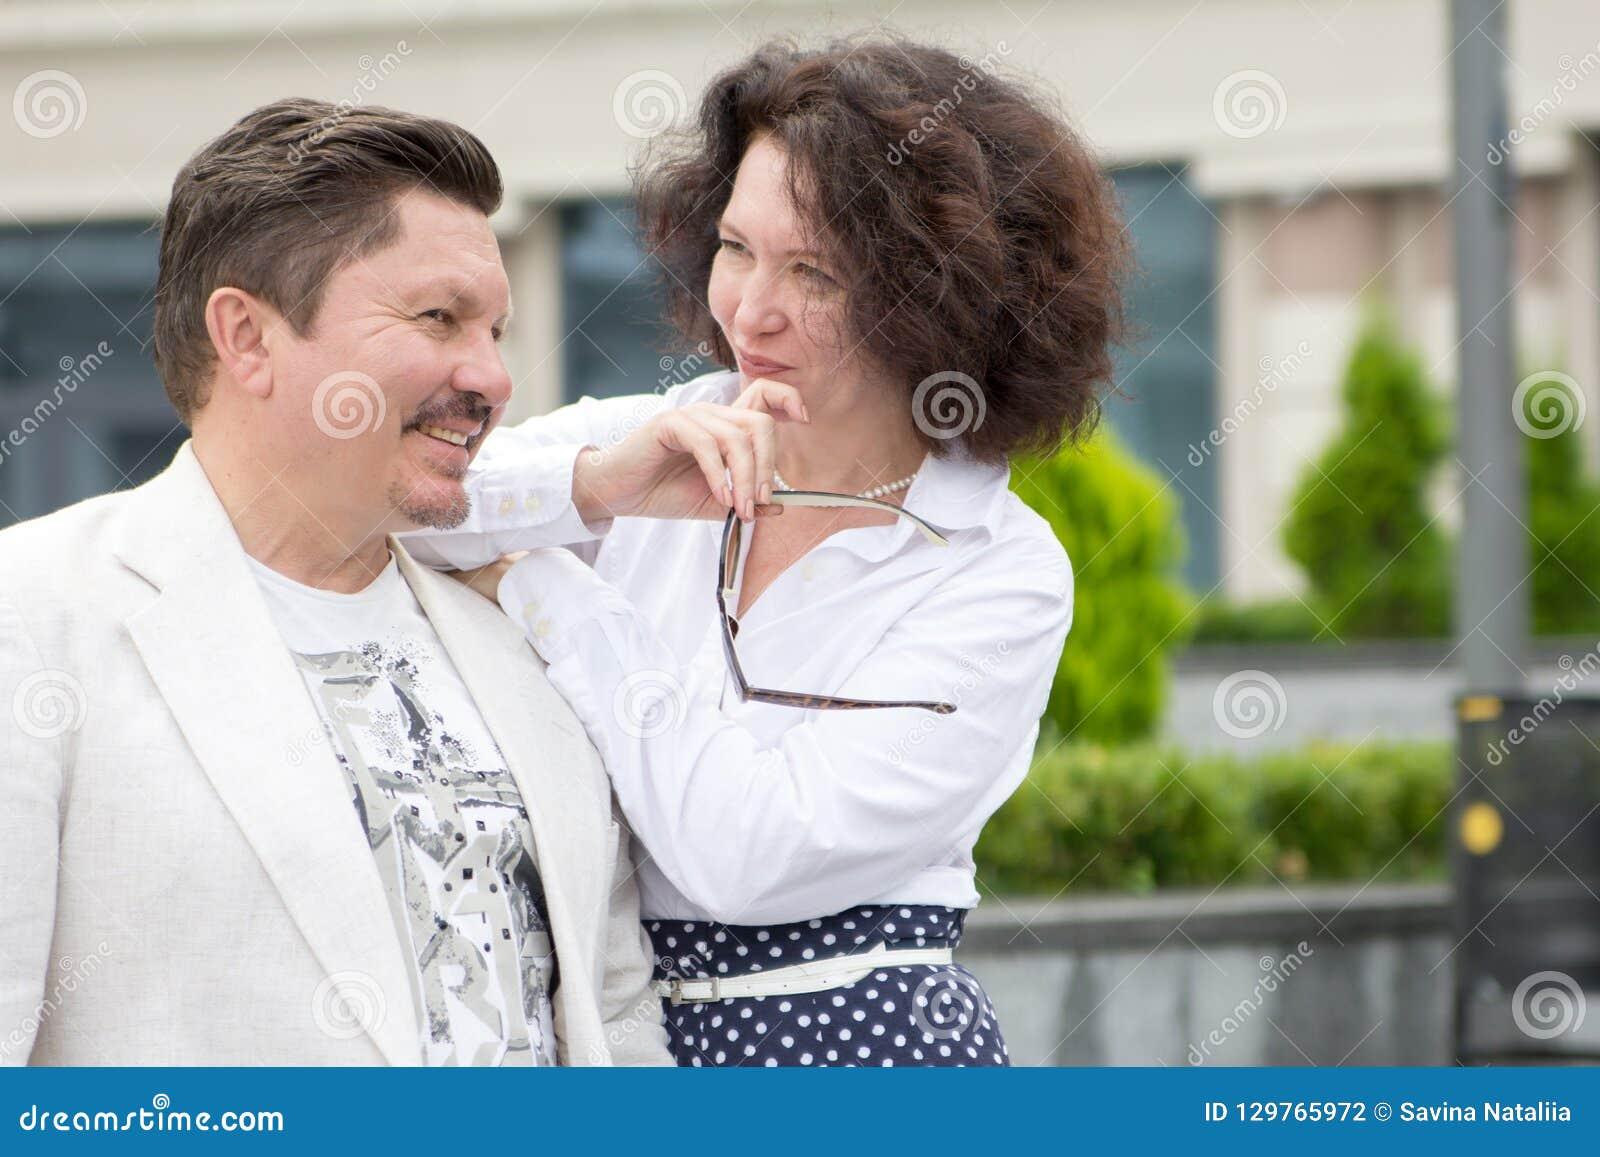 Biznes pary mężczyzny stylowa Biurowa w średnim wieku kobieta outdoors